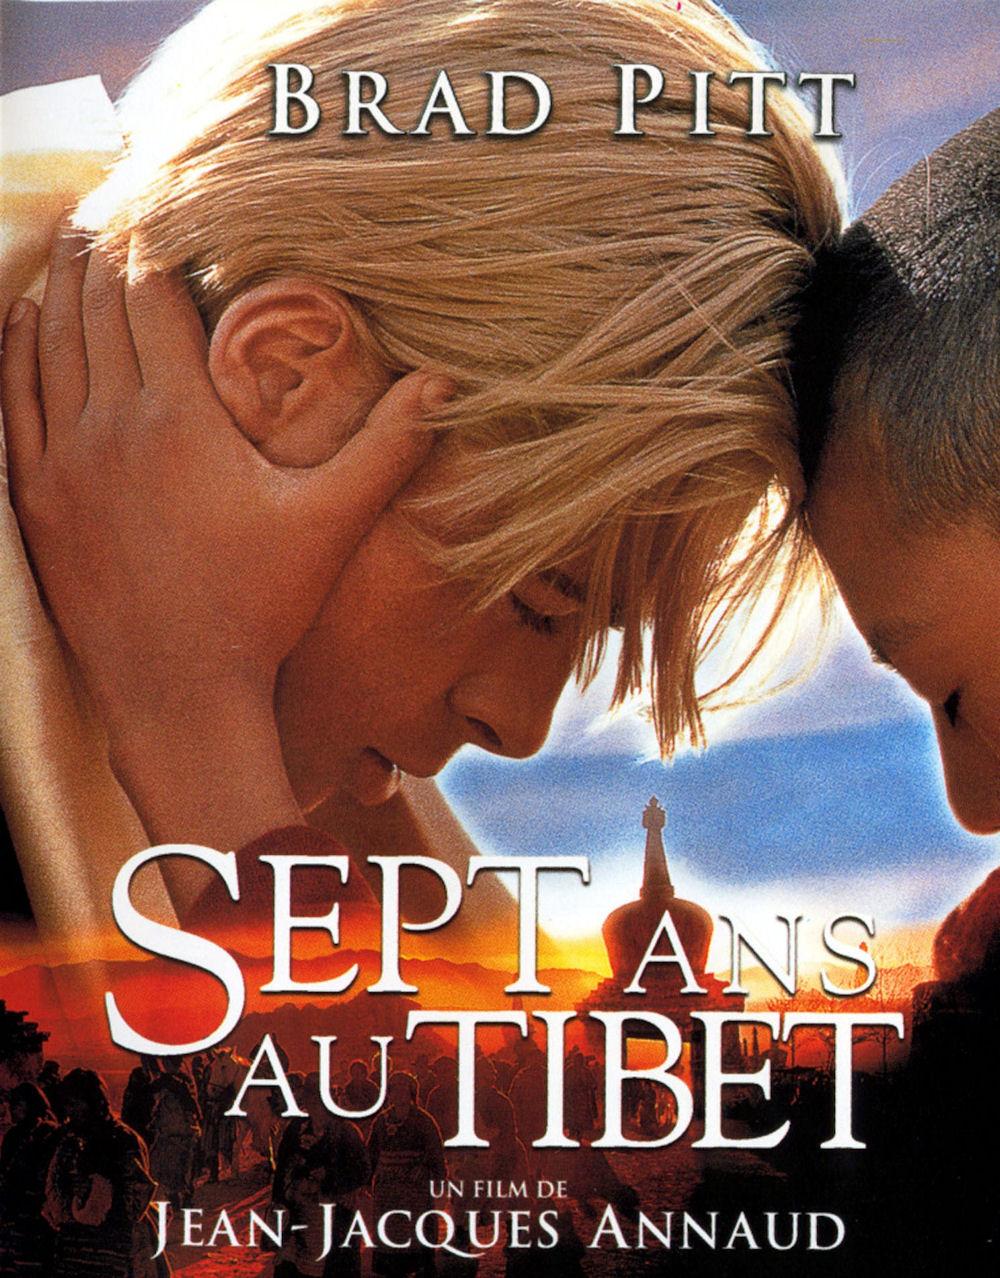 citation 7 ans au tibet